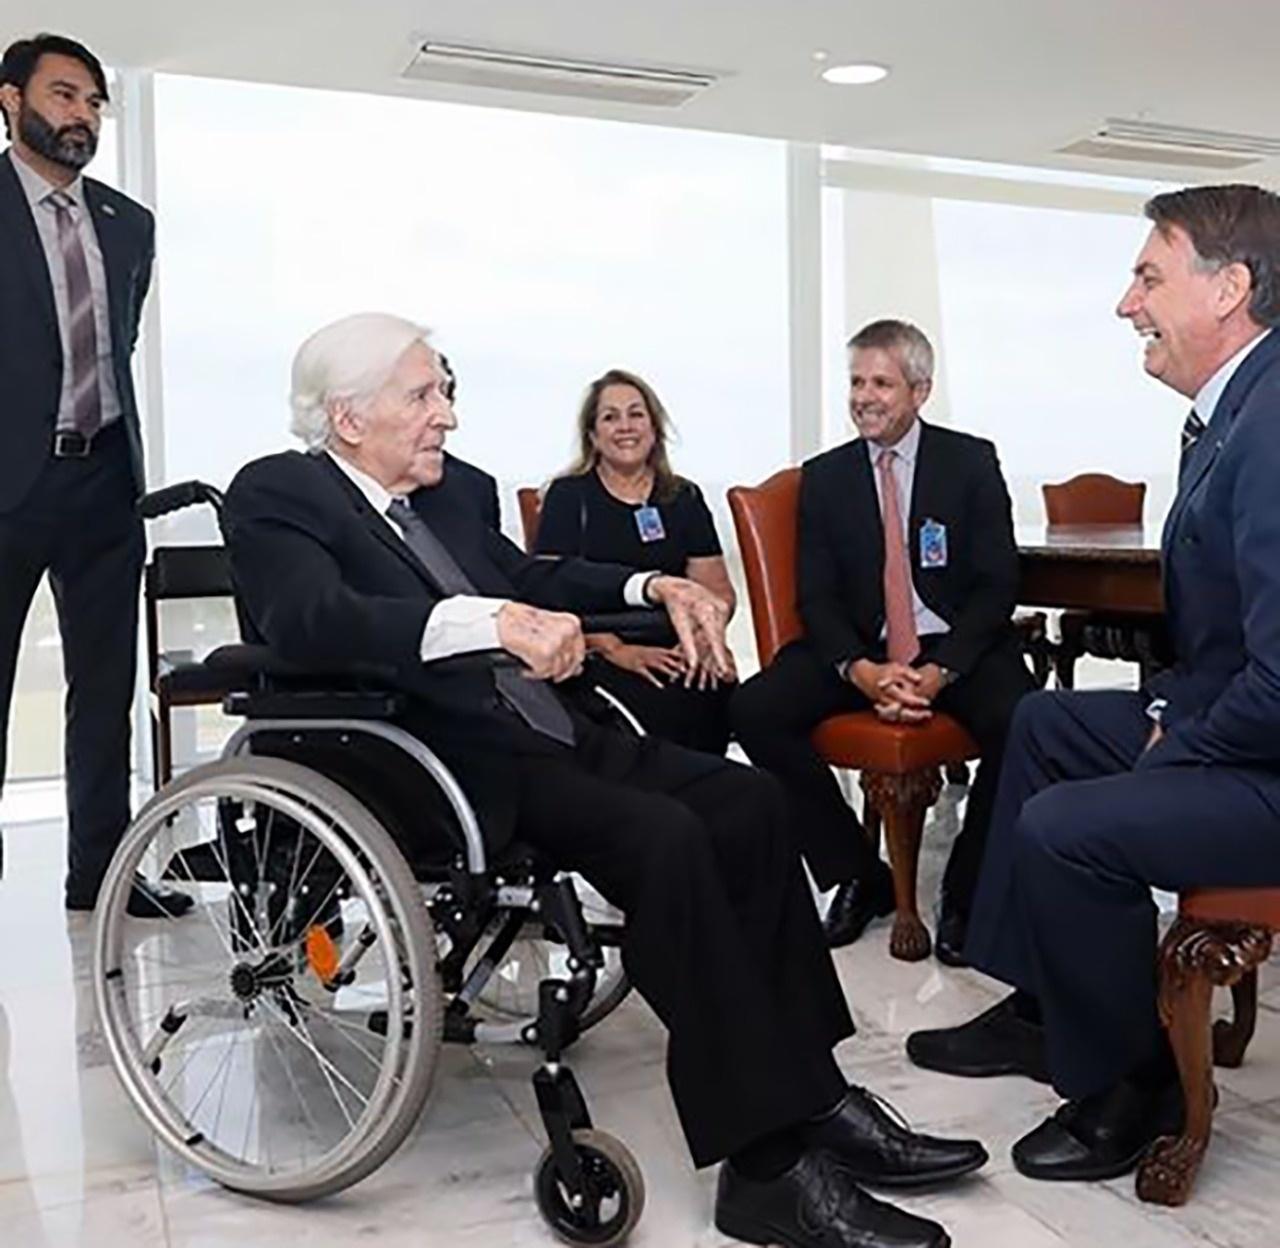 Curió foi recebido por Bolsonaro no Palácio do Planalto no último dia 4